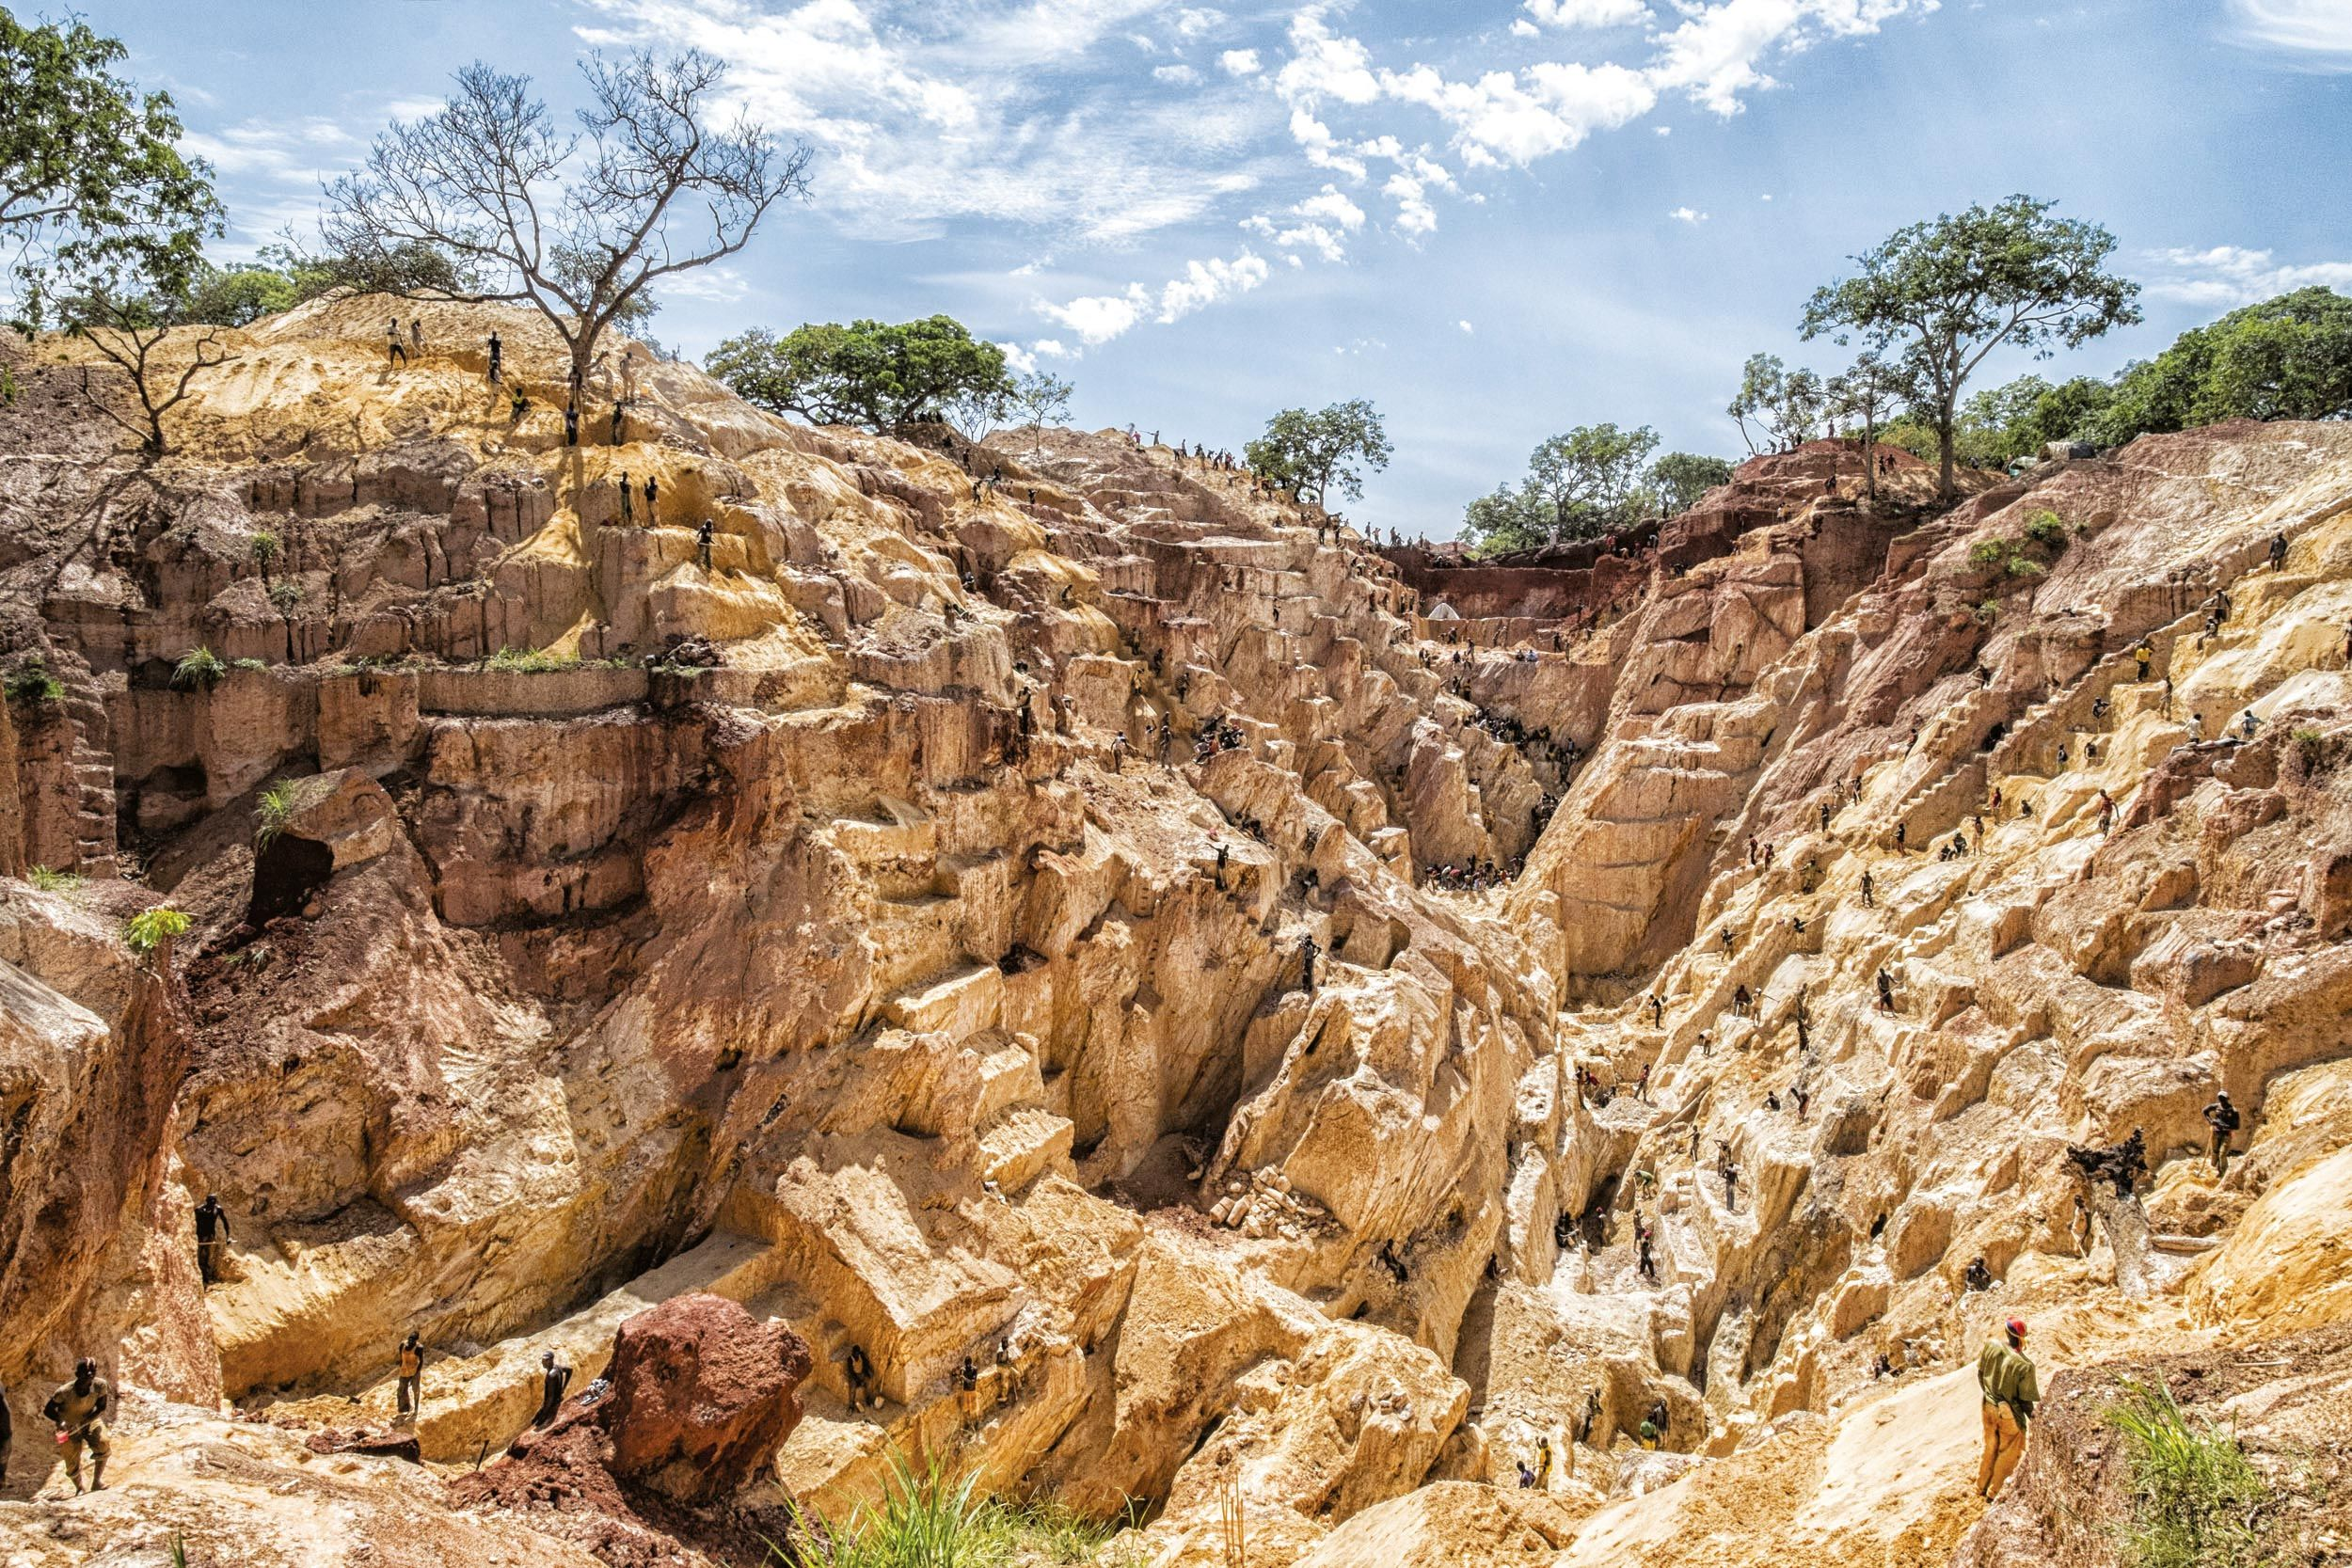 Une mine d'or exploitée illégalement en Centrafrique